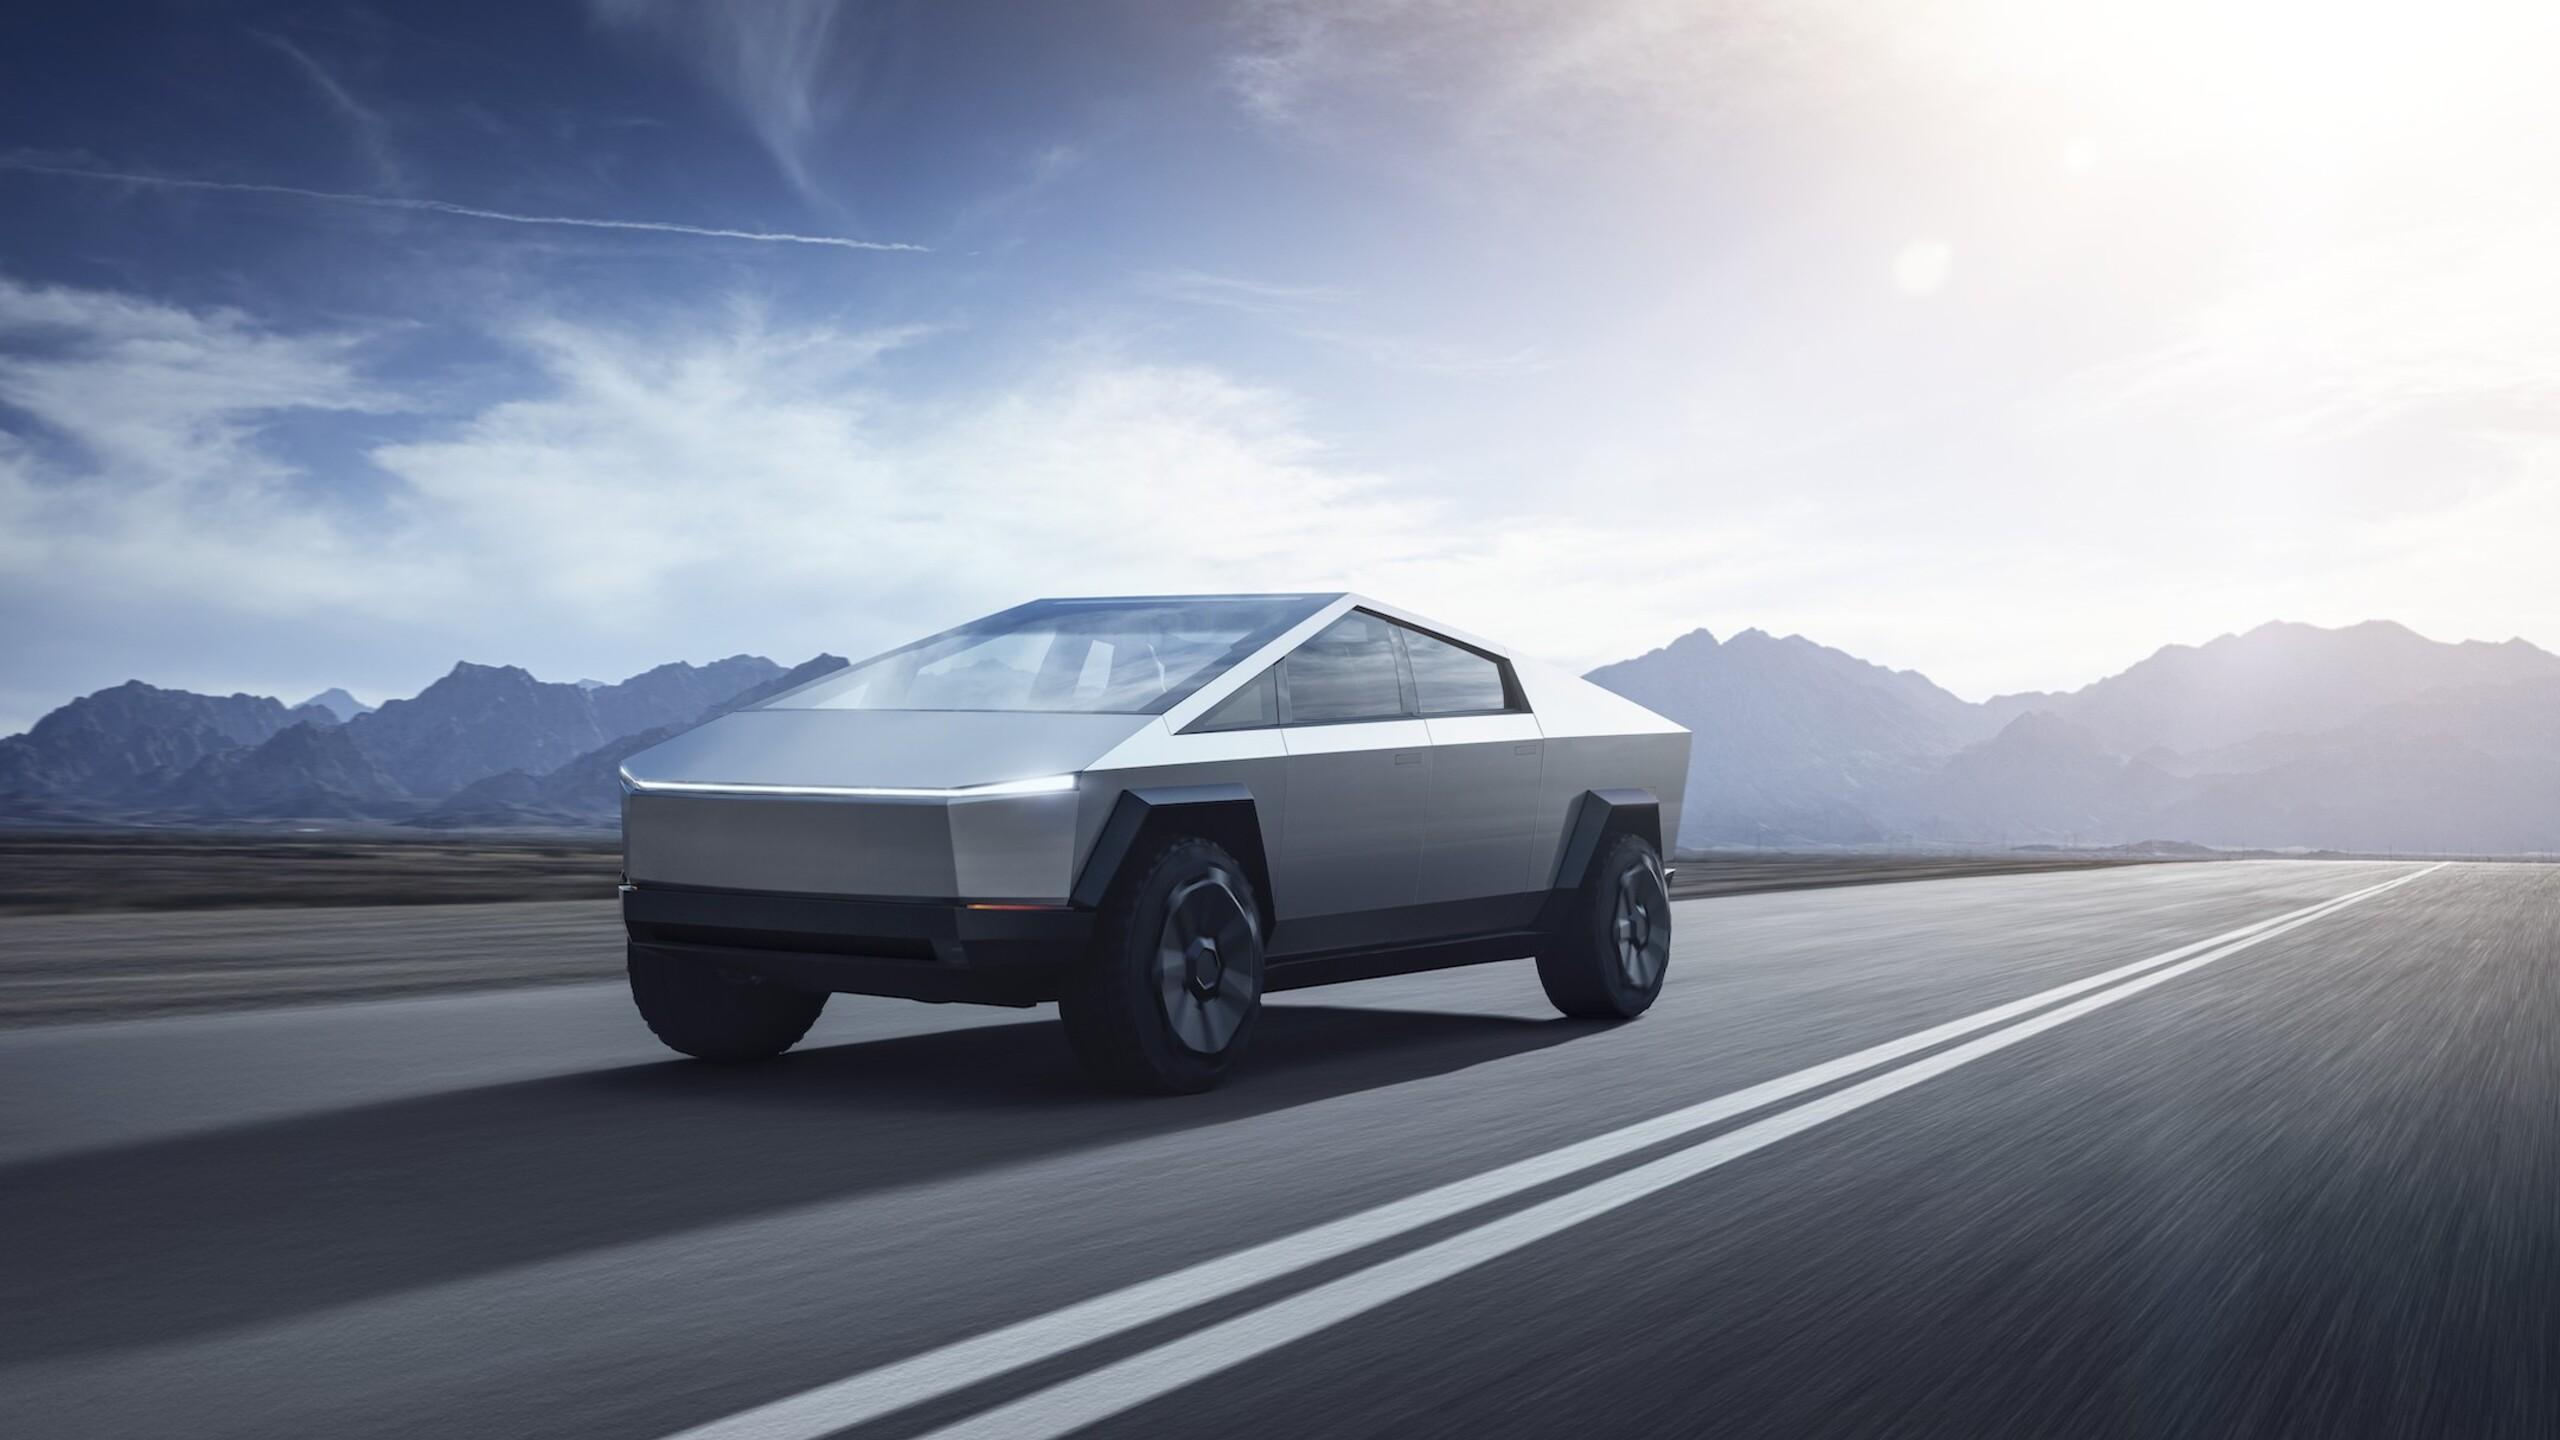 2560x1440 Tesla Cybertruck 2022 1440p Resolution Hd 4k